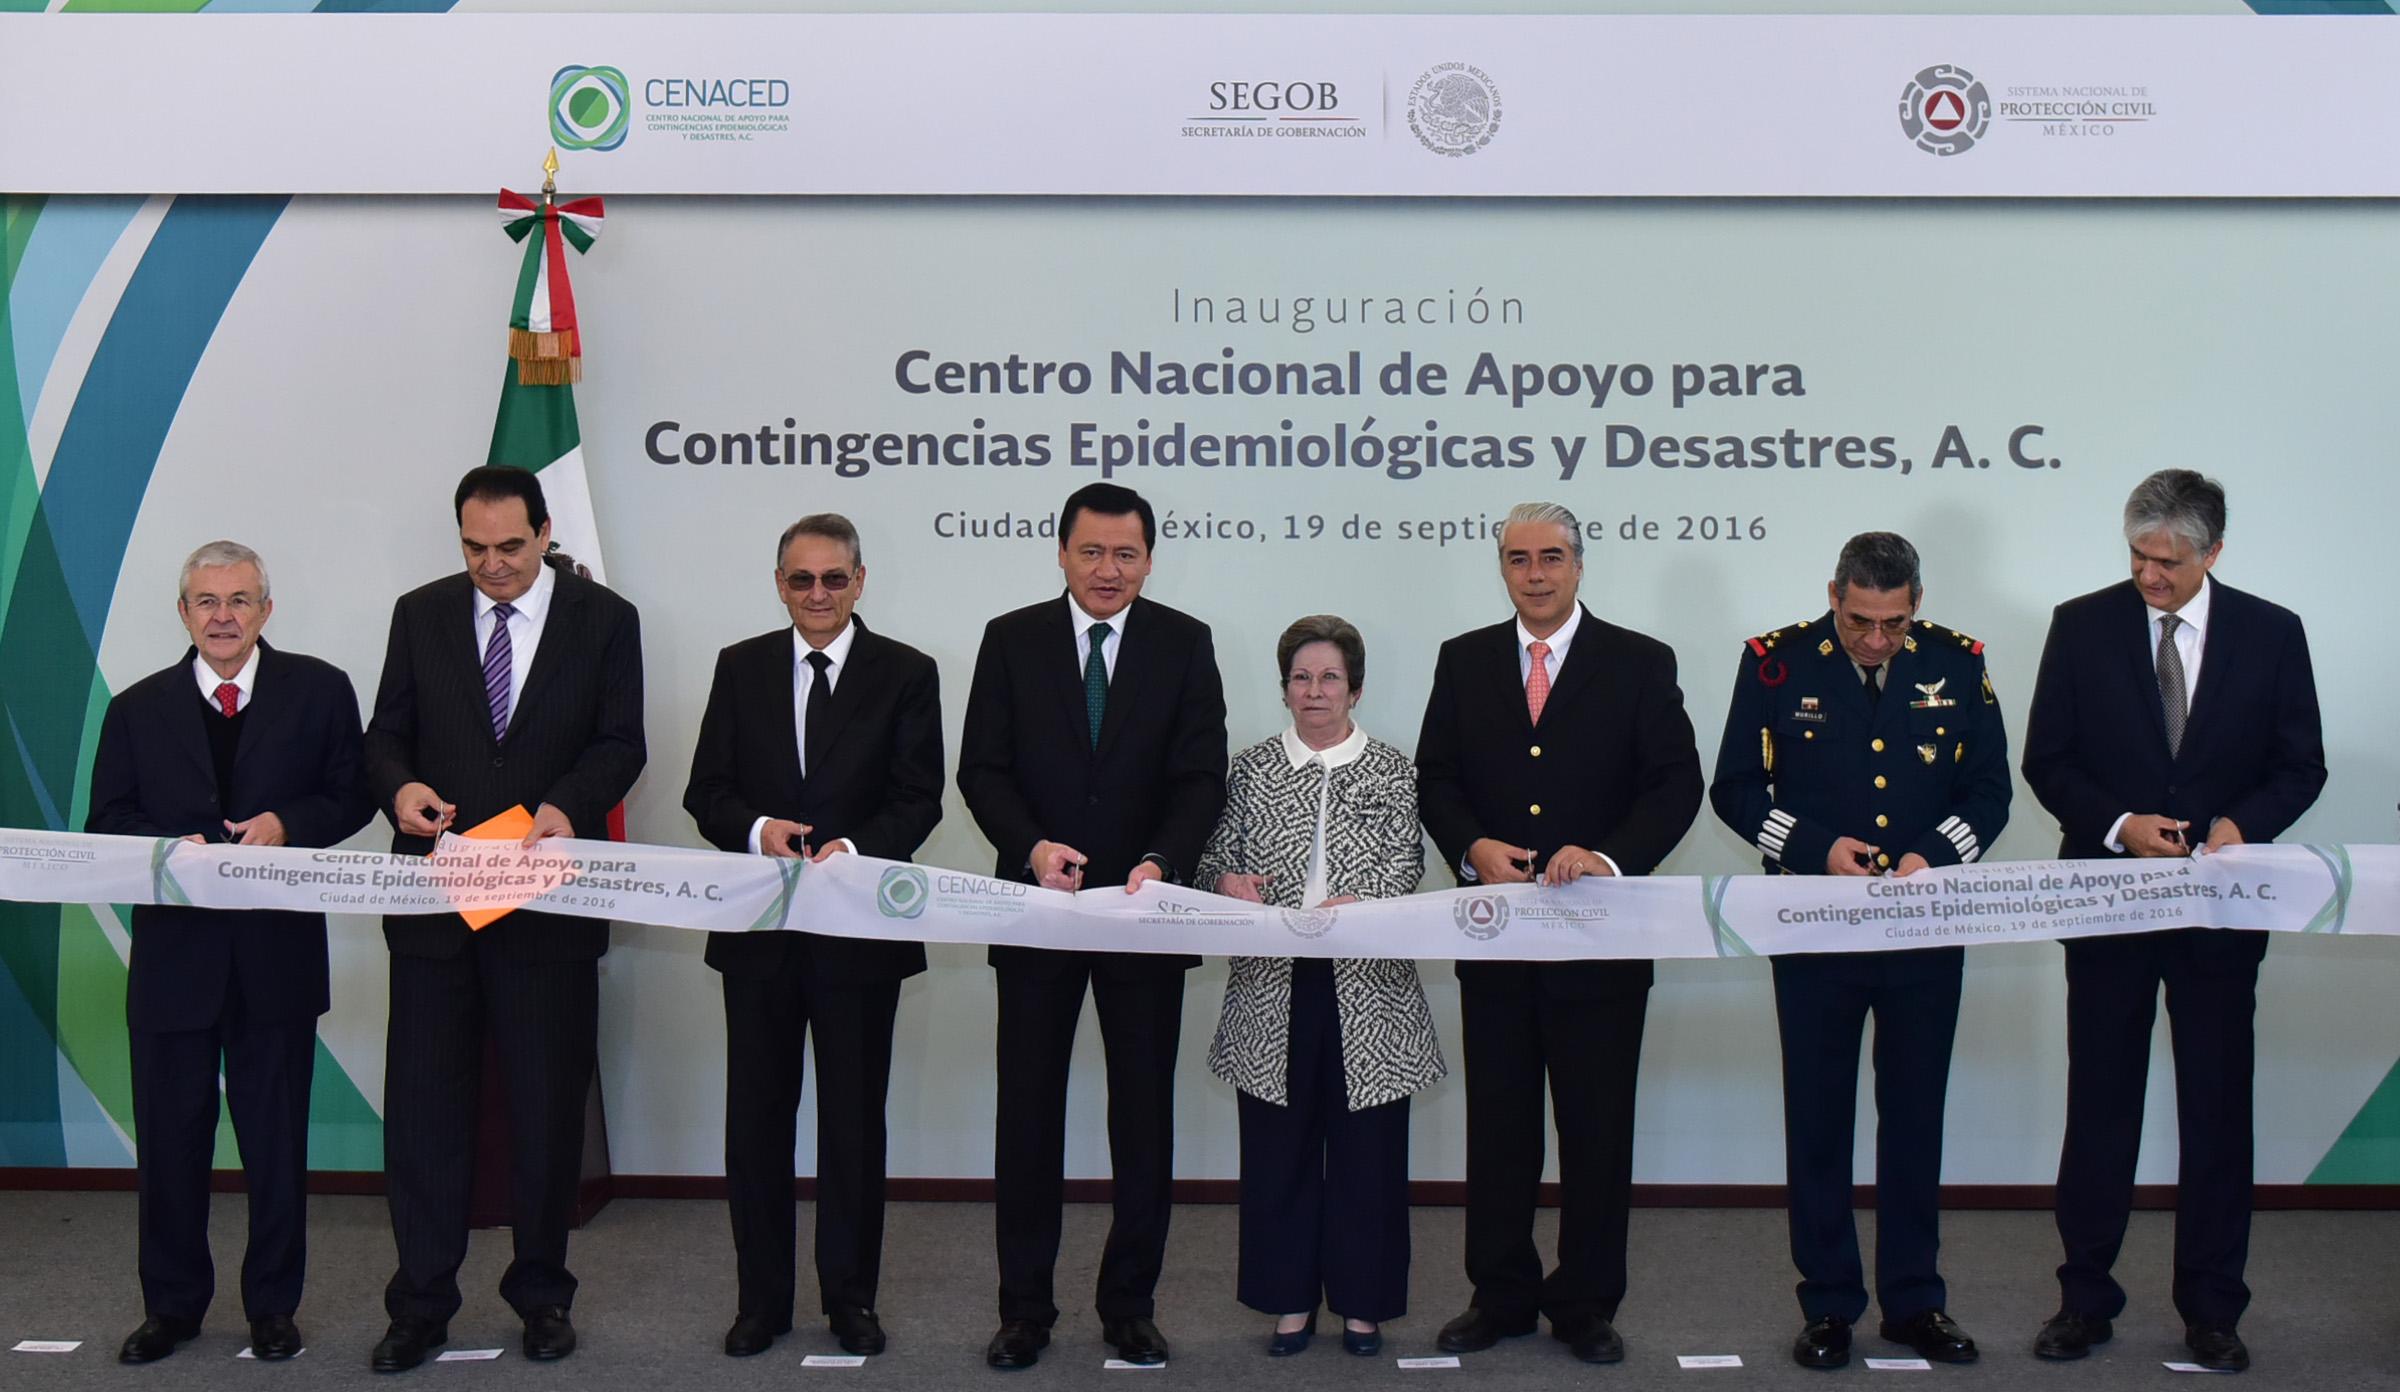 El Secretario de Gobernación, Miguel Ángel Osorio Chong, durante la Inauguración el Centro Nacional de Apoyo para Contingencias Epidemiológicas y Desastres